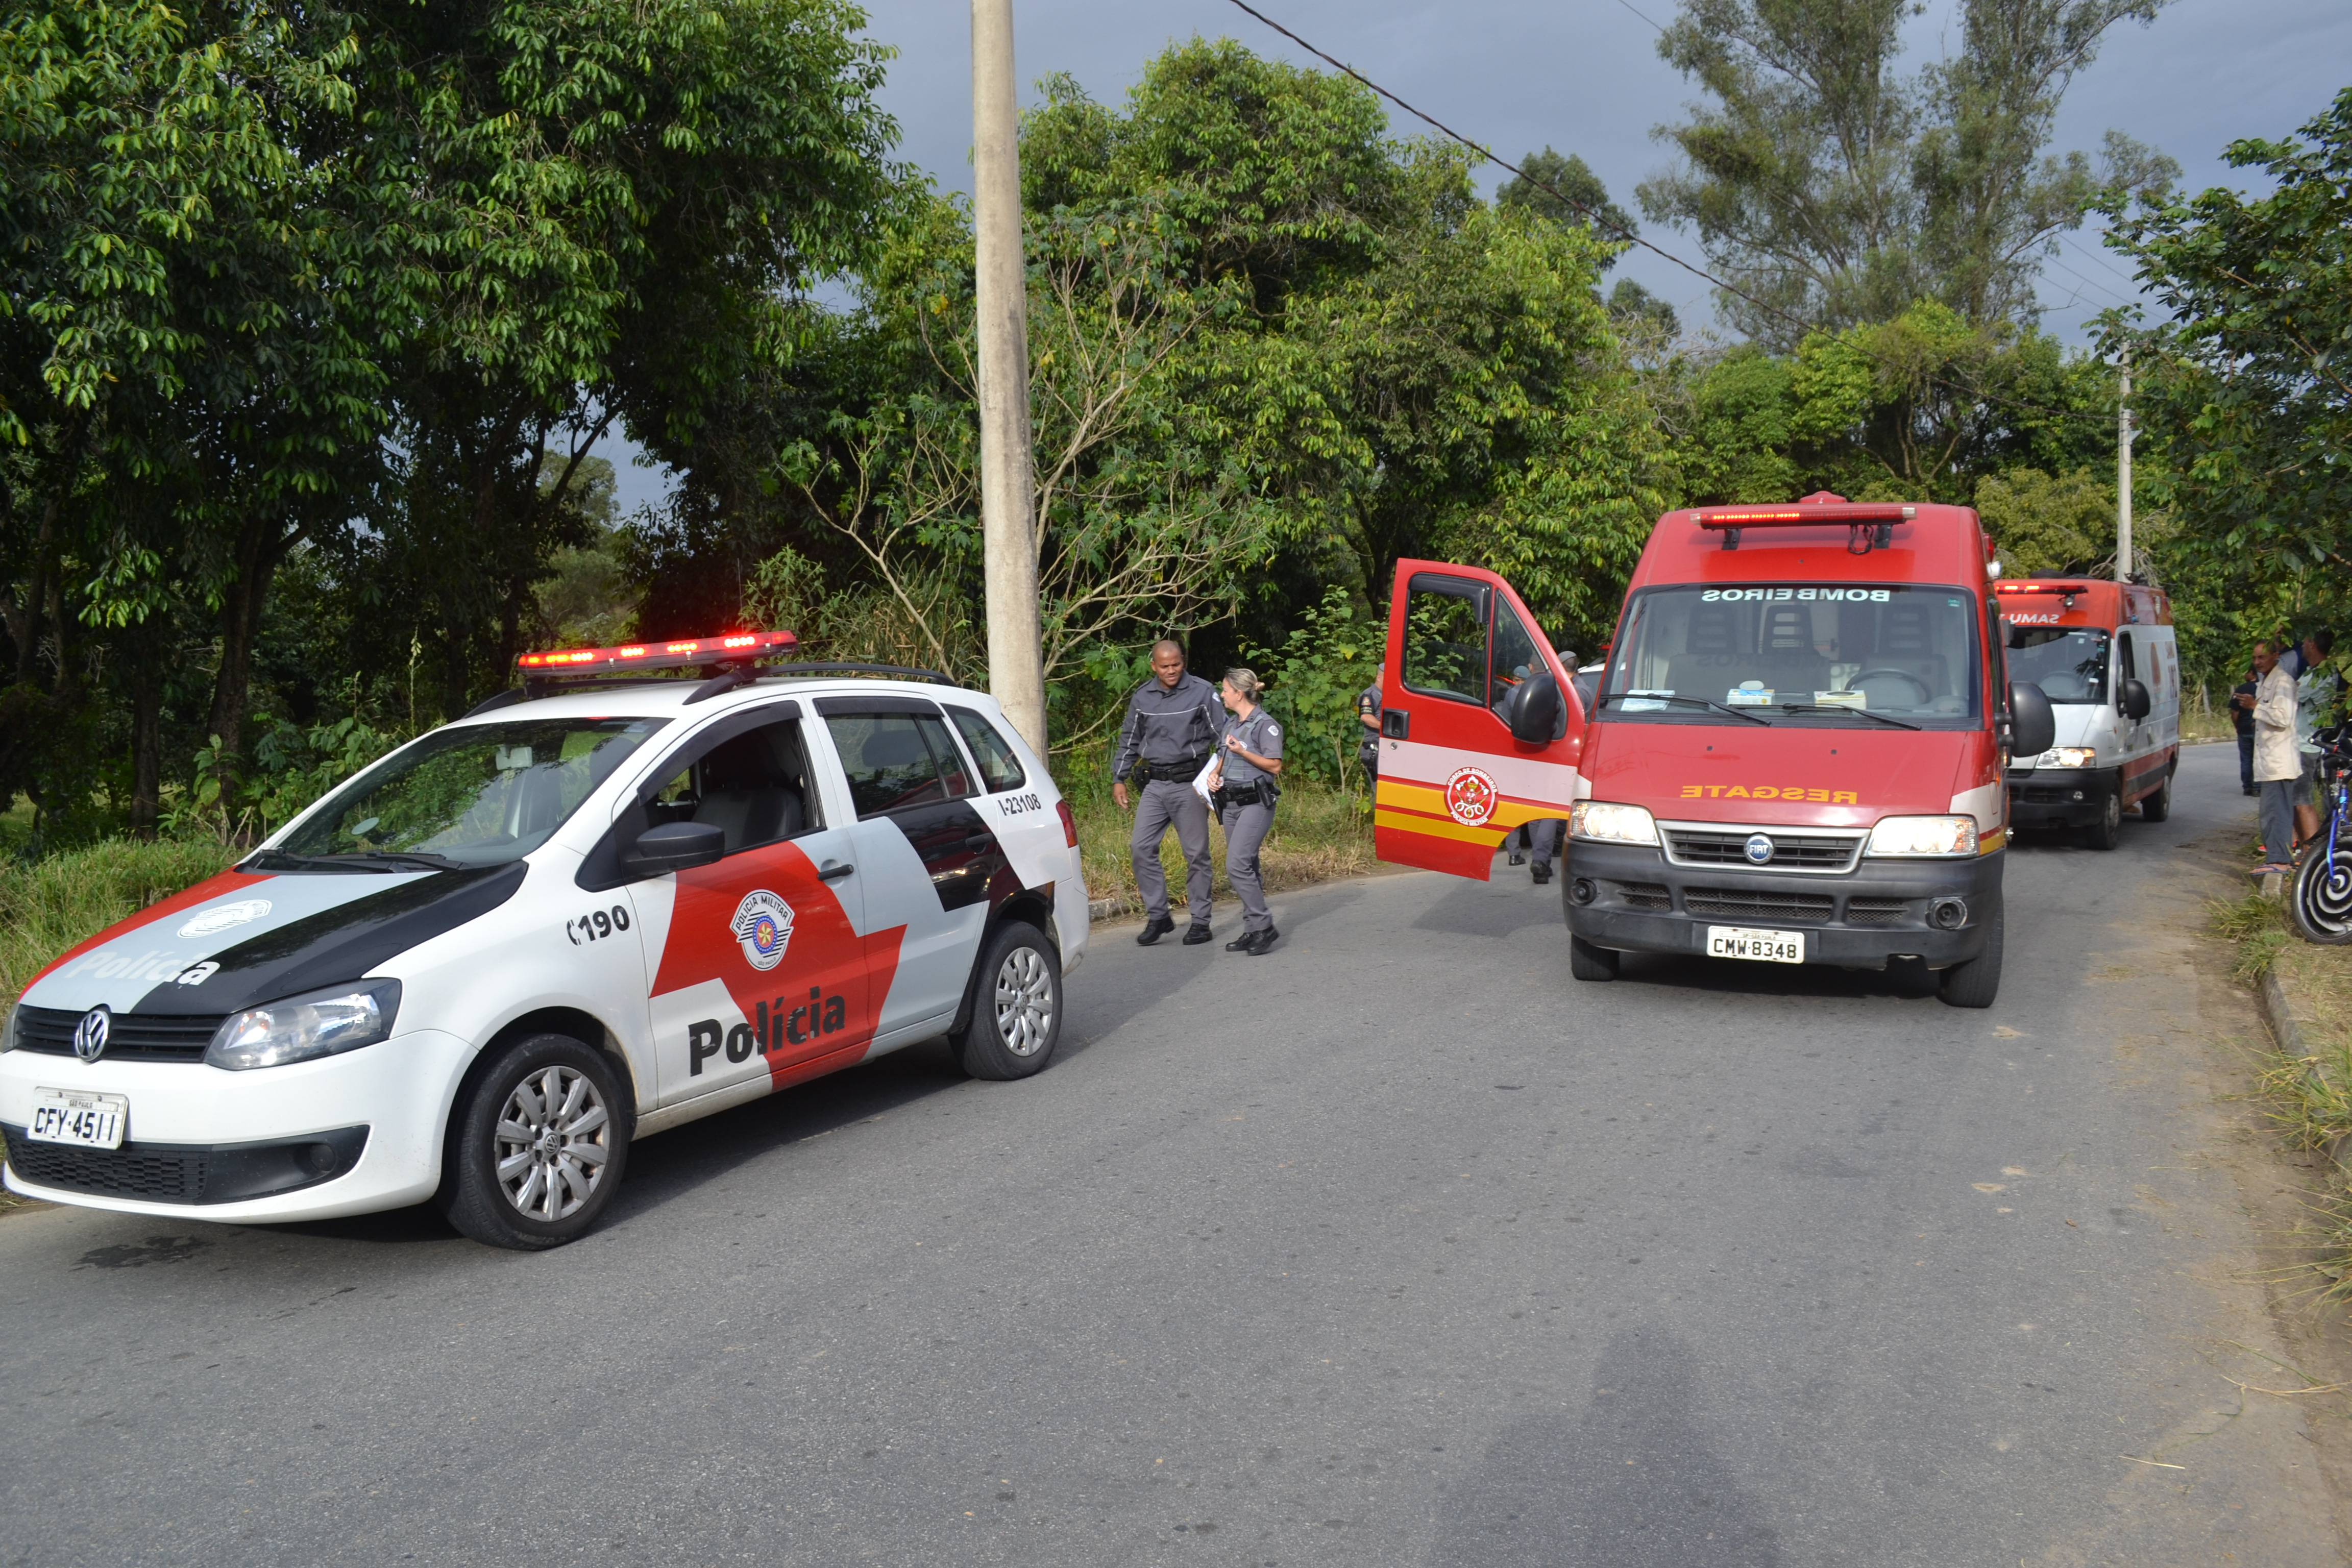 Equipe de resgate durante trabalho de atendimento a jovem baleado nesta tarde, em Lorena (Foto: Thiago Datena)